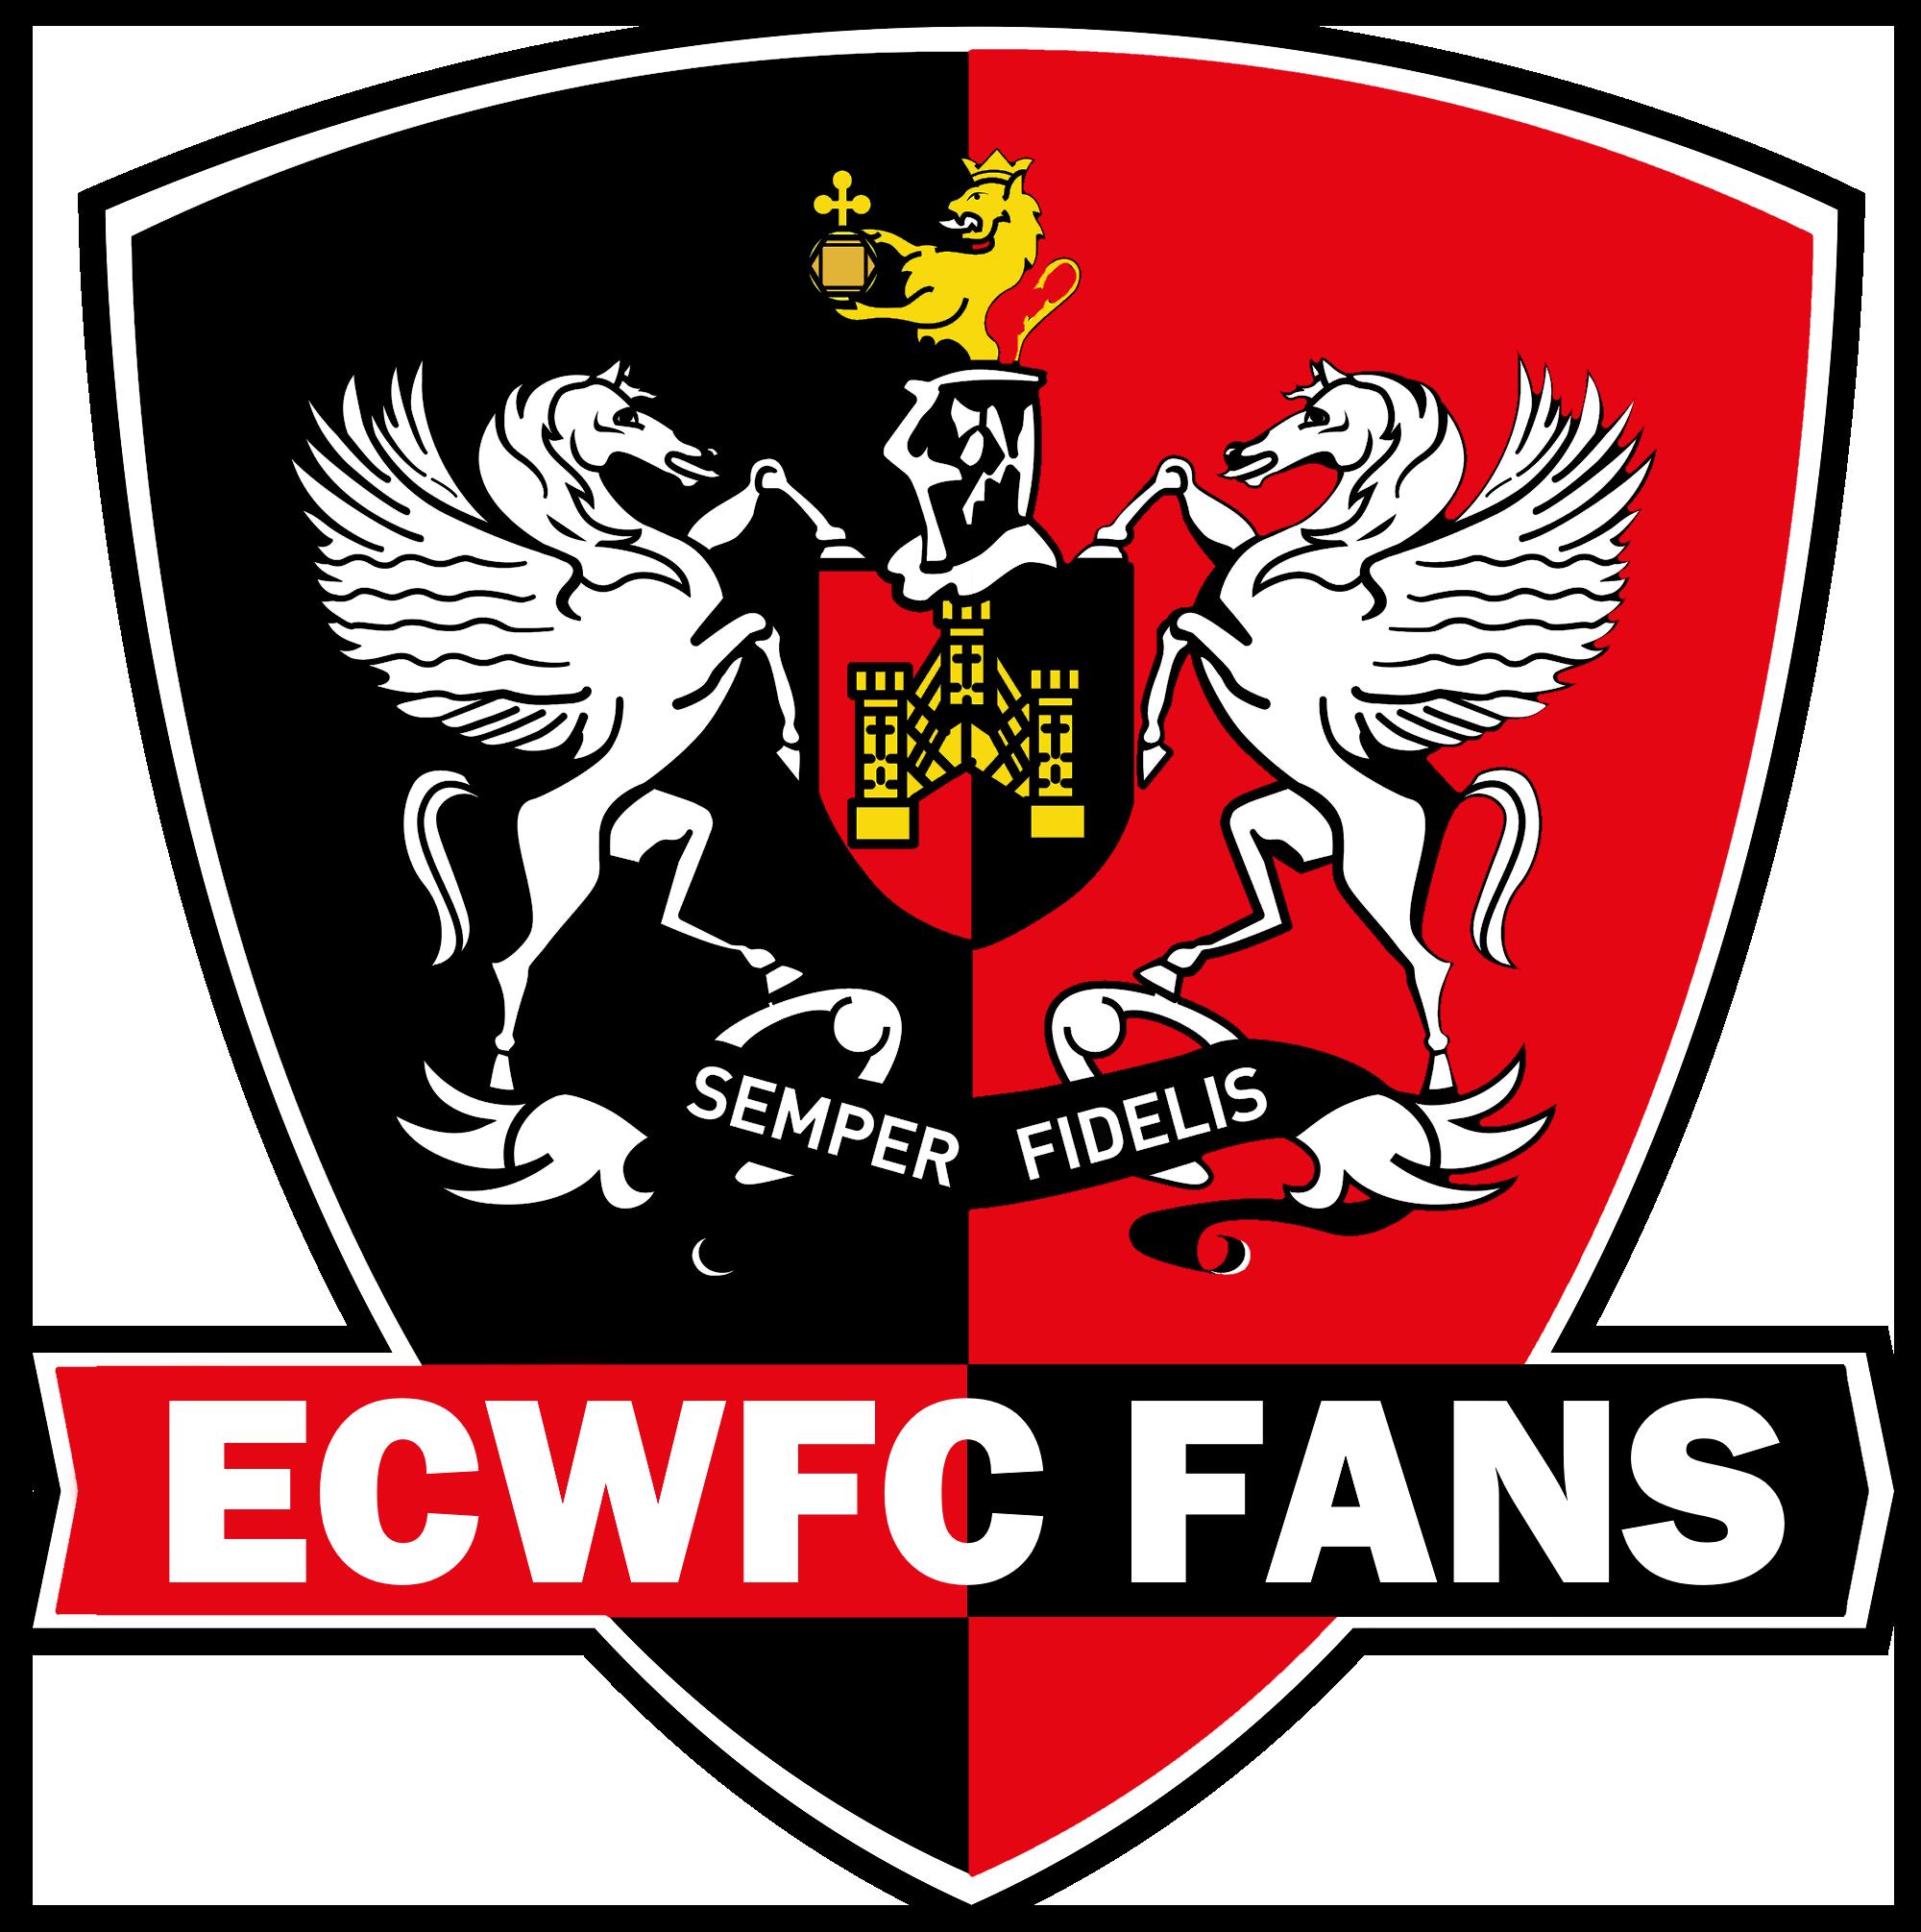 ECWFC FANS